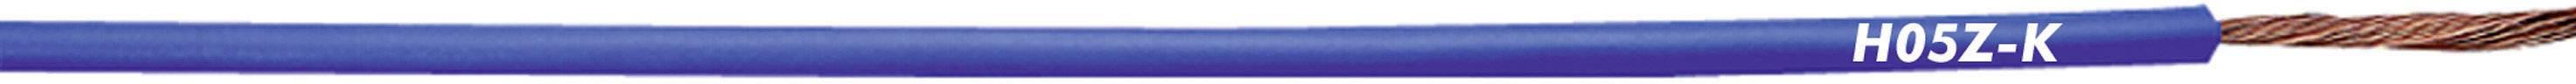 Kabel LappKabel H05Z-K (4725063), 1x 1 mm², Ø 2,50 mm, 1 m, šedá